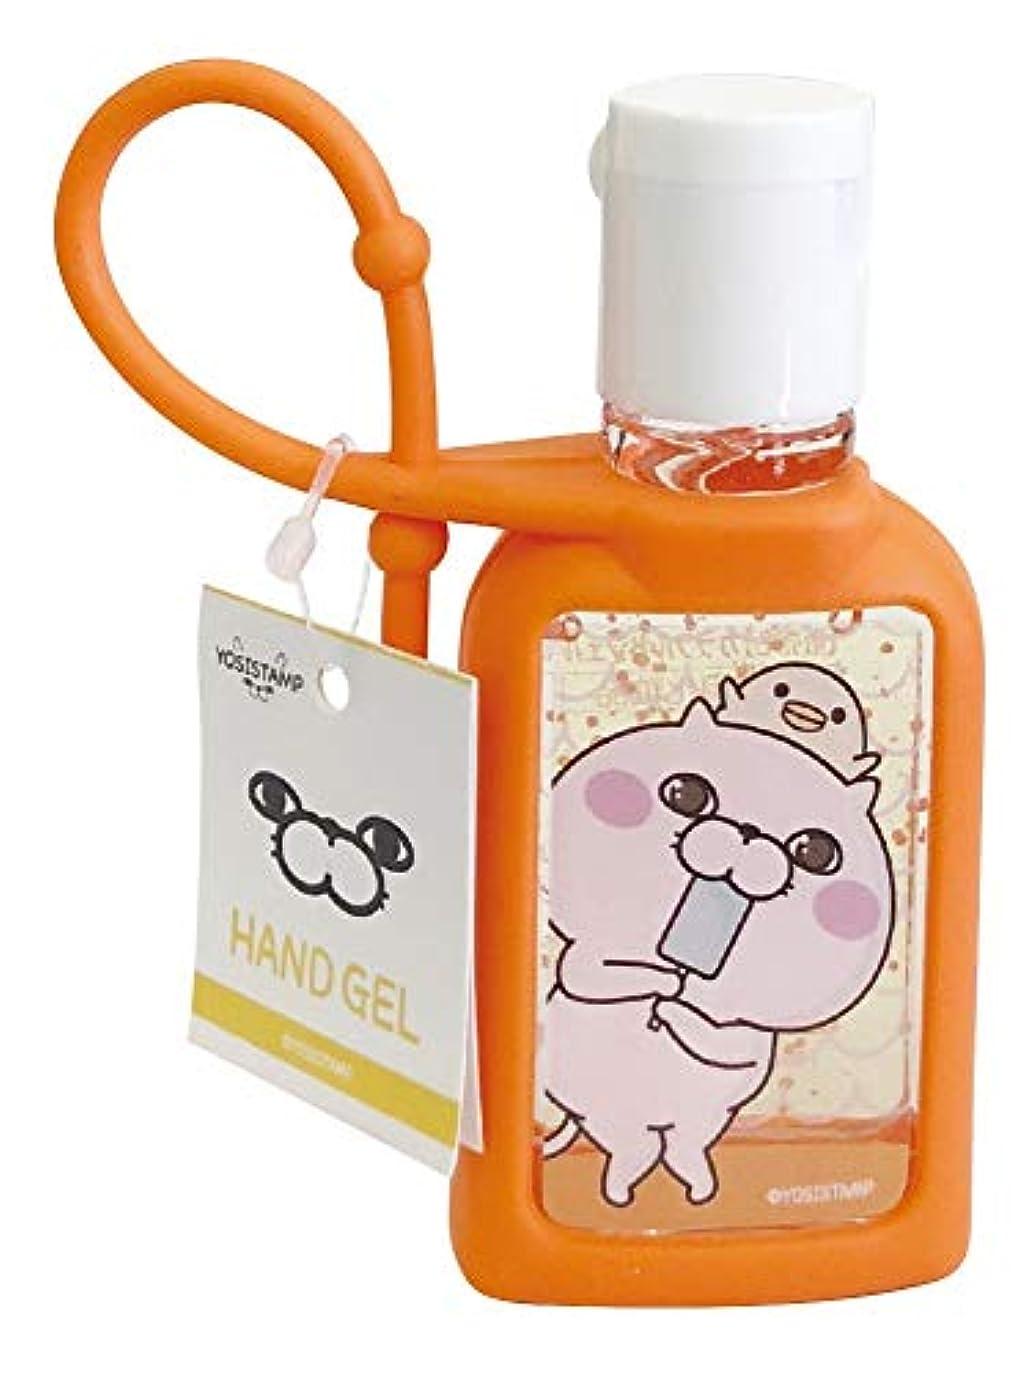 ベール節約入るヨッシースタンプ ハンドジェル 携帯用 ぬこアイス 無香料 30ml ABD-022-002